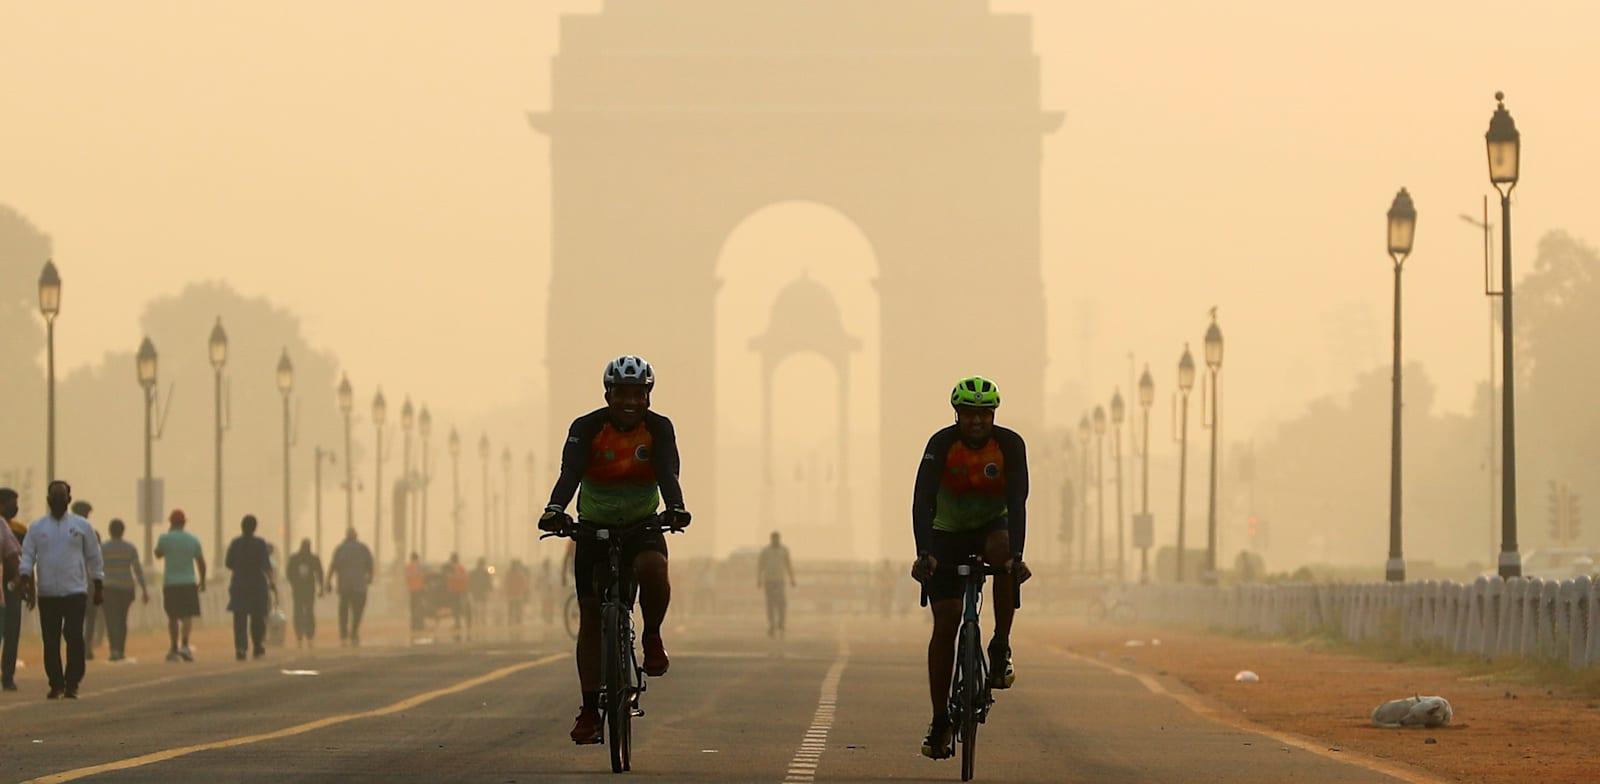 רוכבי אופניים בניו דלהי המזוהמת / צילום: Reuters, Adnan Abidi